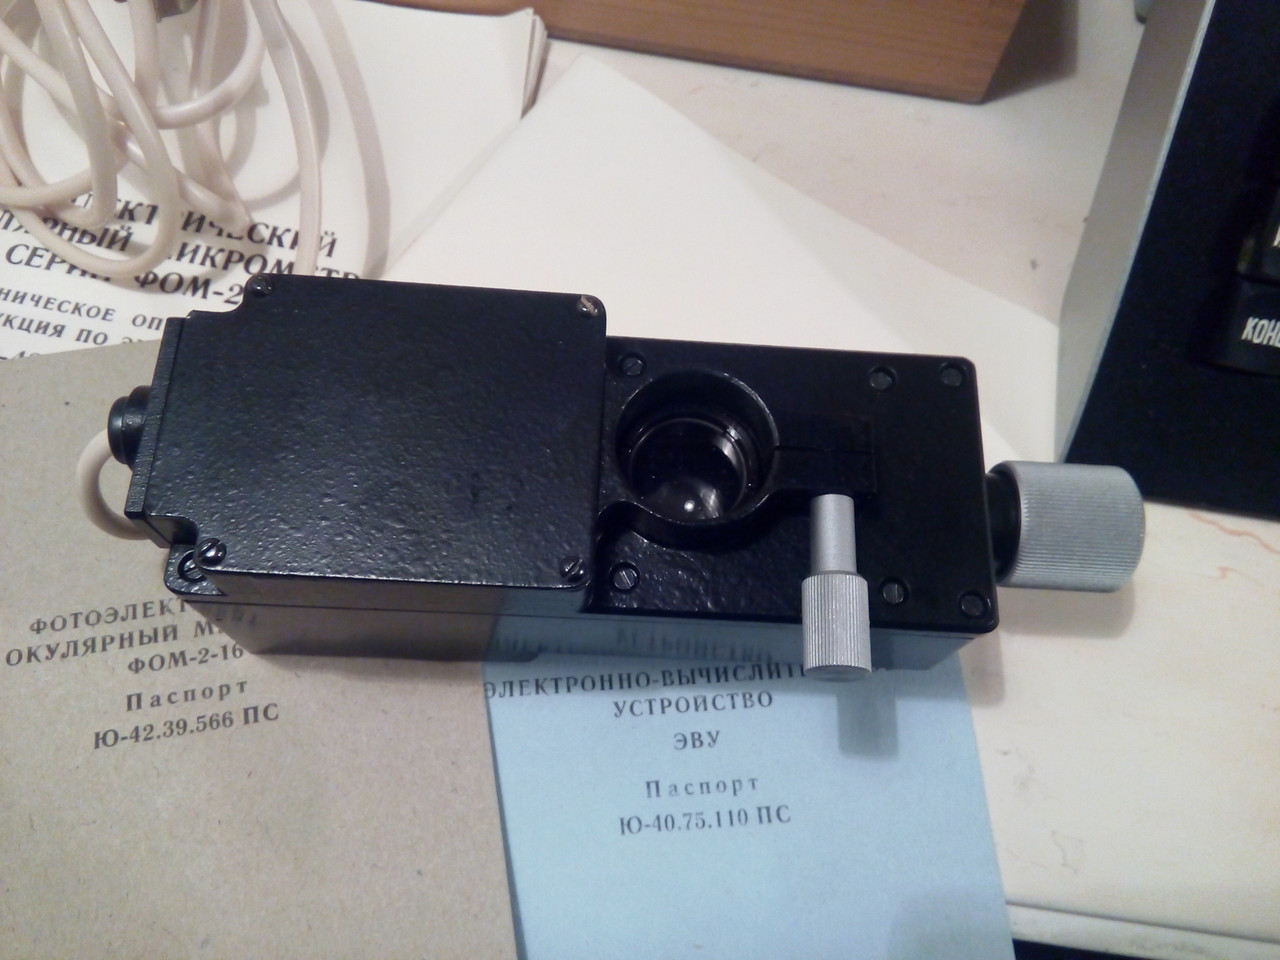 Фотоэлектрический окулярный микрометр ФОМ-2-16 с ЭВУ и принтером(Возможна калибровка в УкрЦСМ)